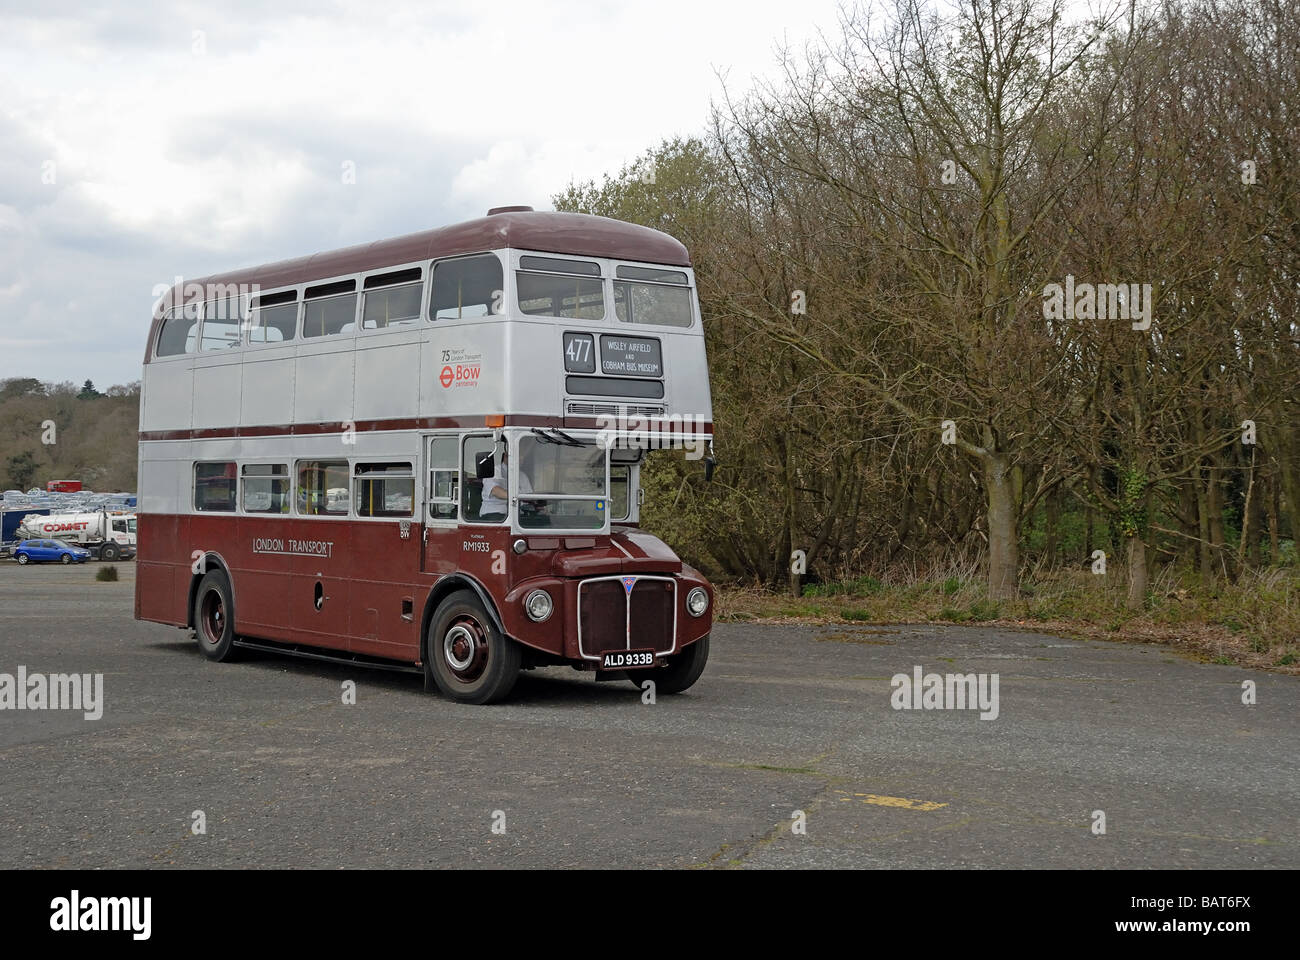 Trois quarts vue avant d'ALD 933B a 1964 AEC Routemaster RM 1933 partie de l'East London Heritage Route Photo Stock